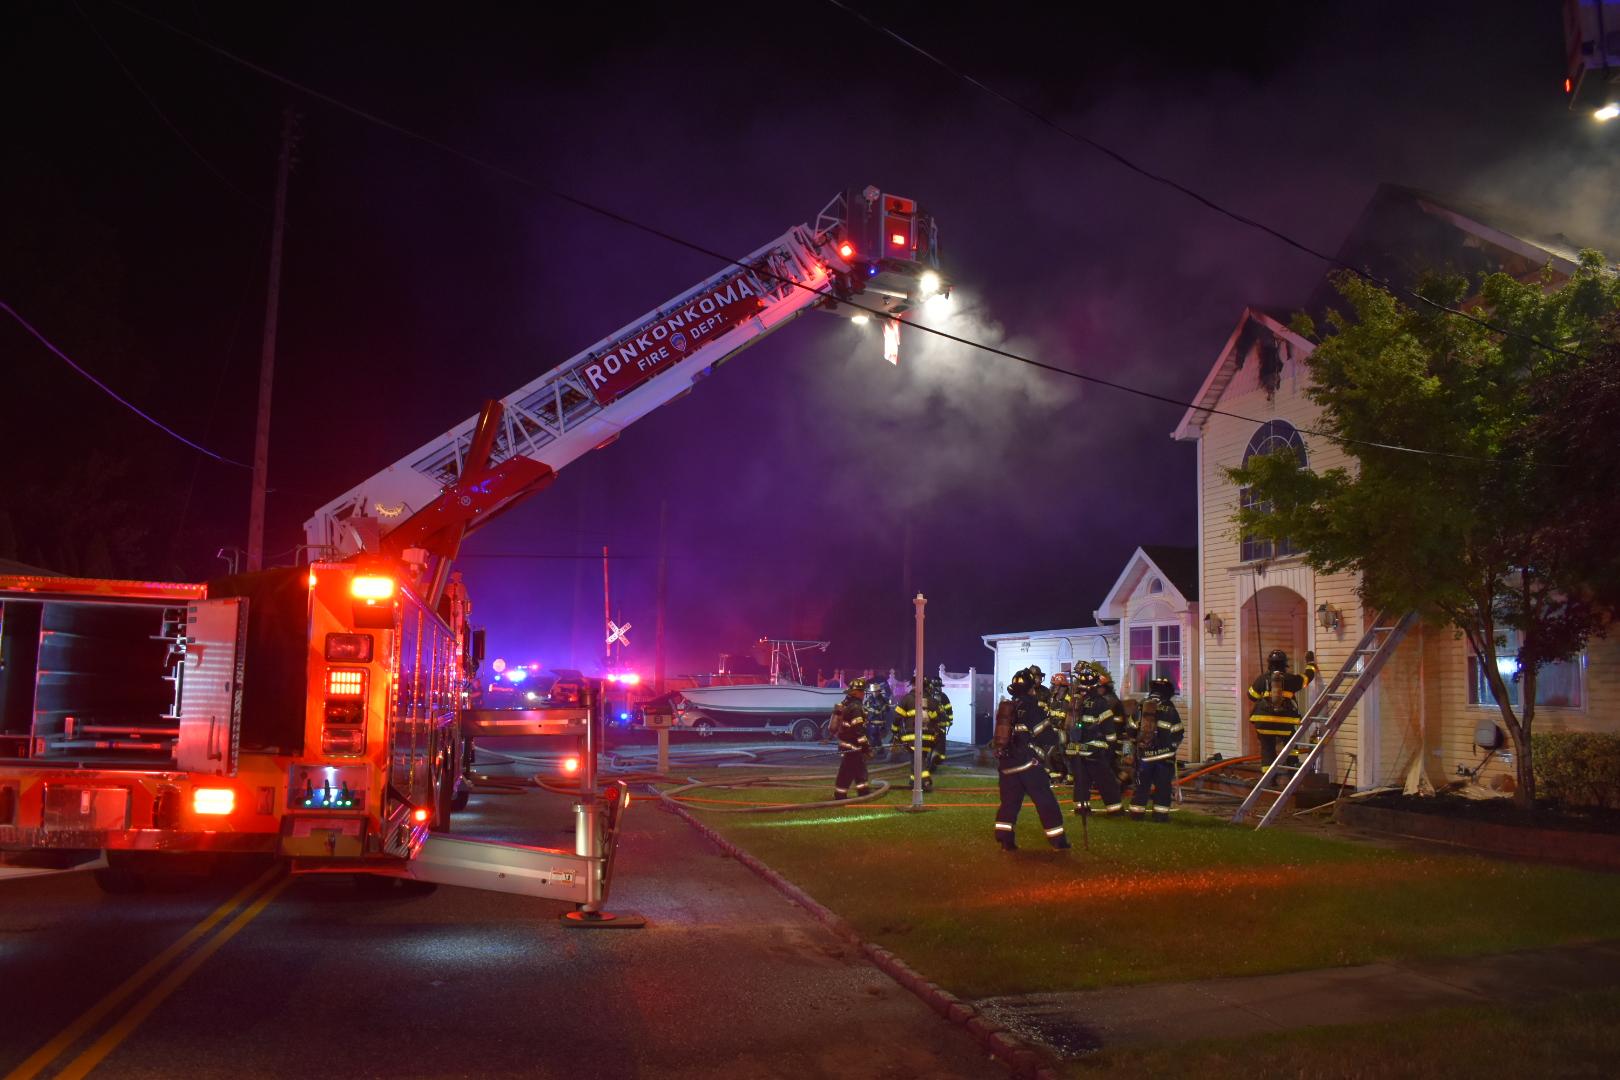 House Fire On Knickerbocker Avenue In Ronkonkoma